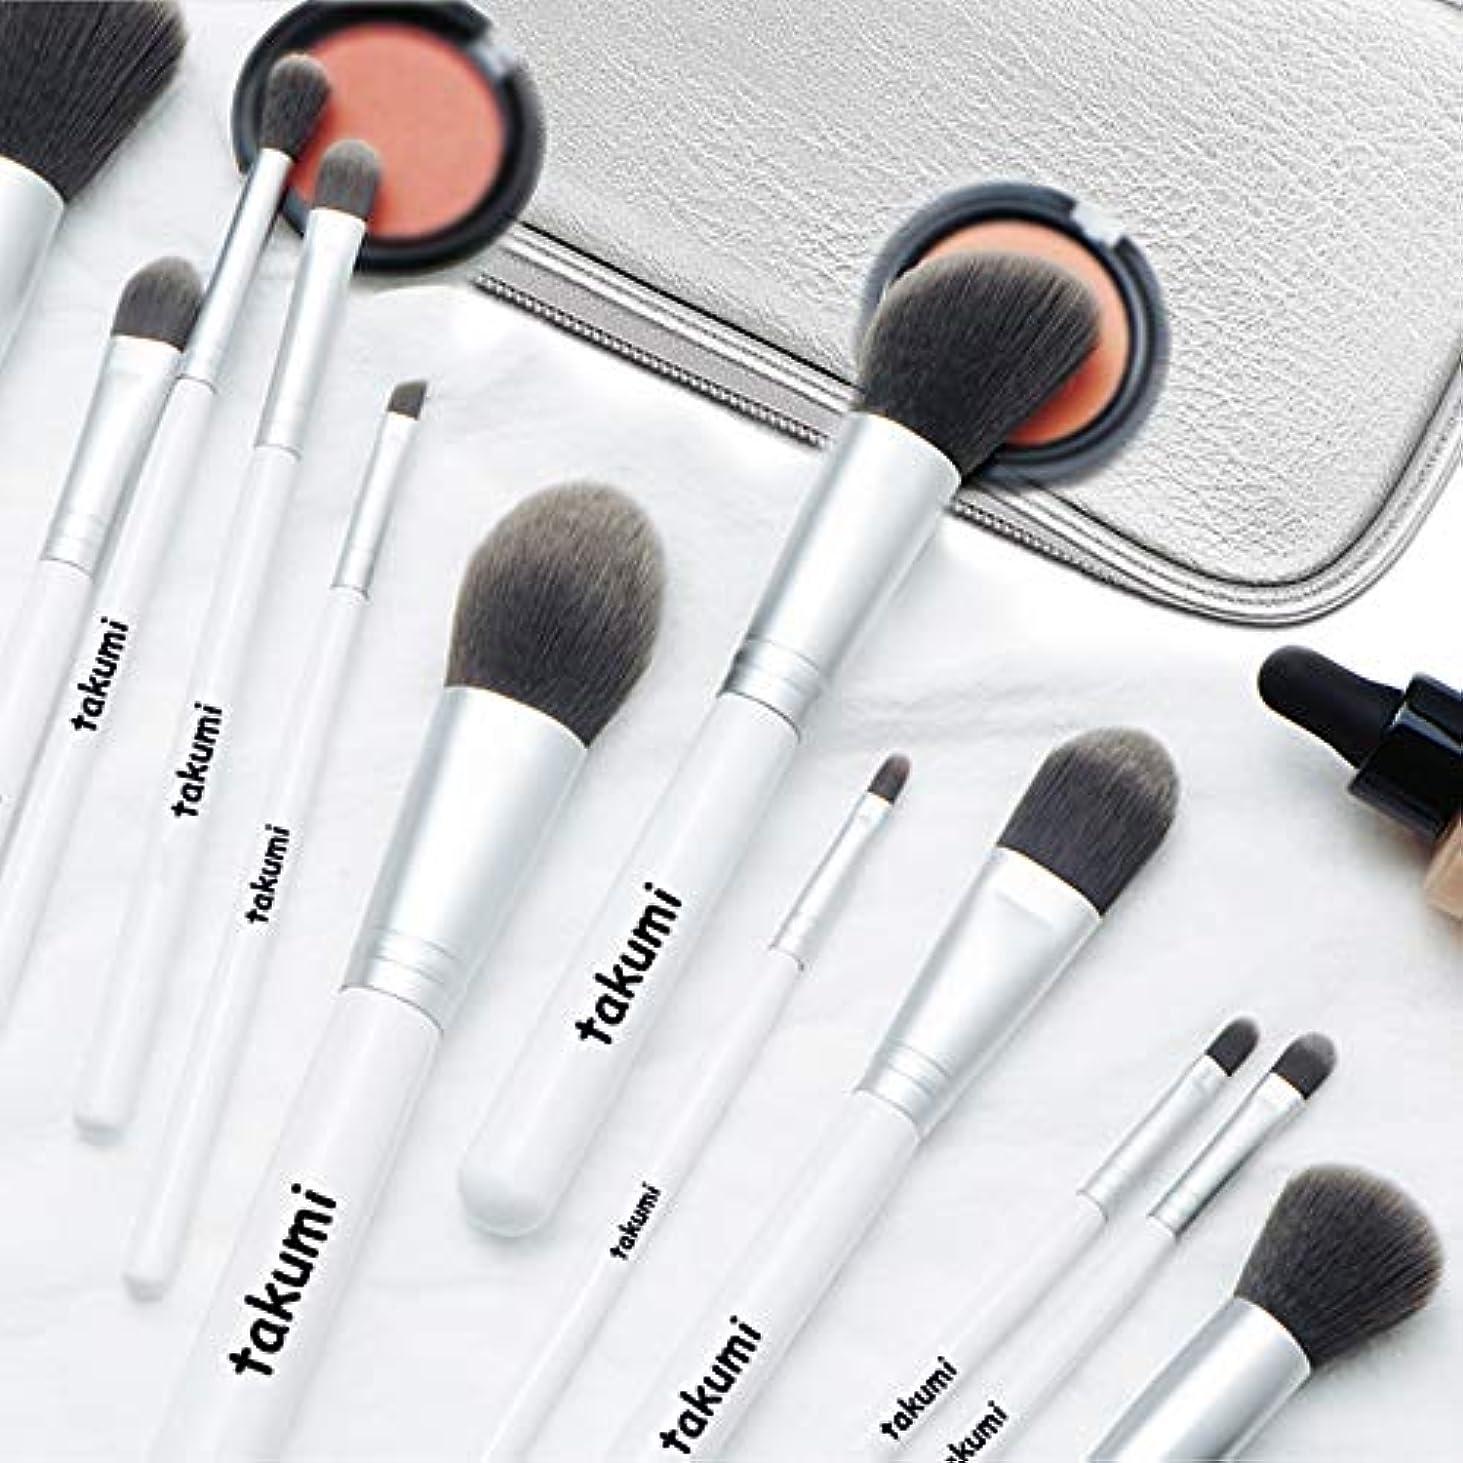 可動聖書ビリーヤギメイクブラシ12本セット 超柔らかい 化粧筆 ブラシ 専用化粧ポーチ付き 携帯便利